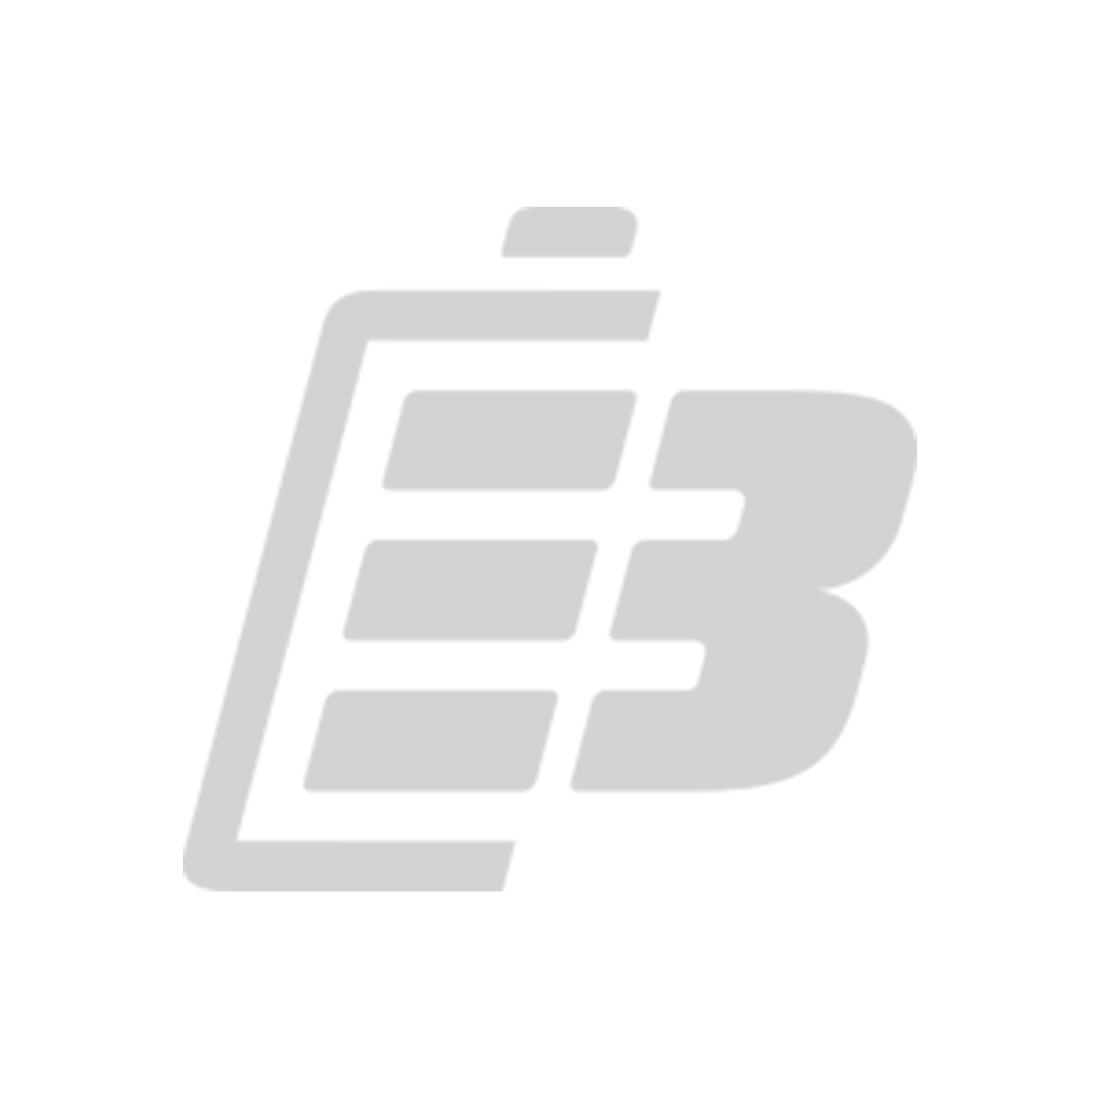 Μπαταρία barcode scanner Unitech PA600_1